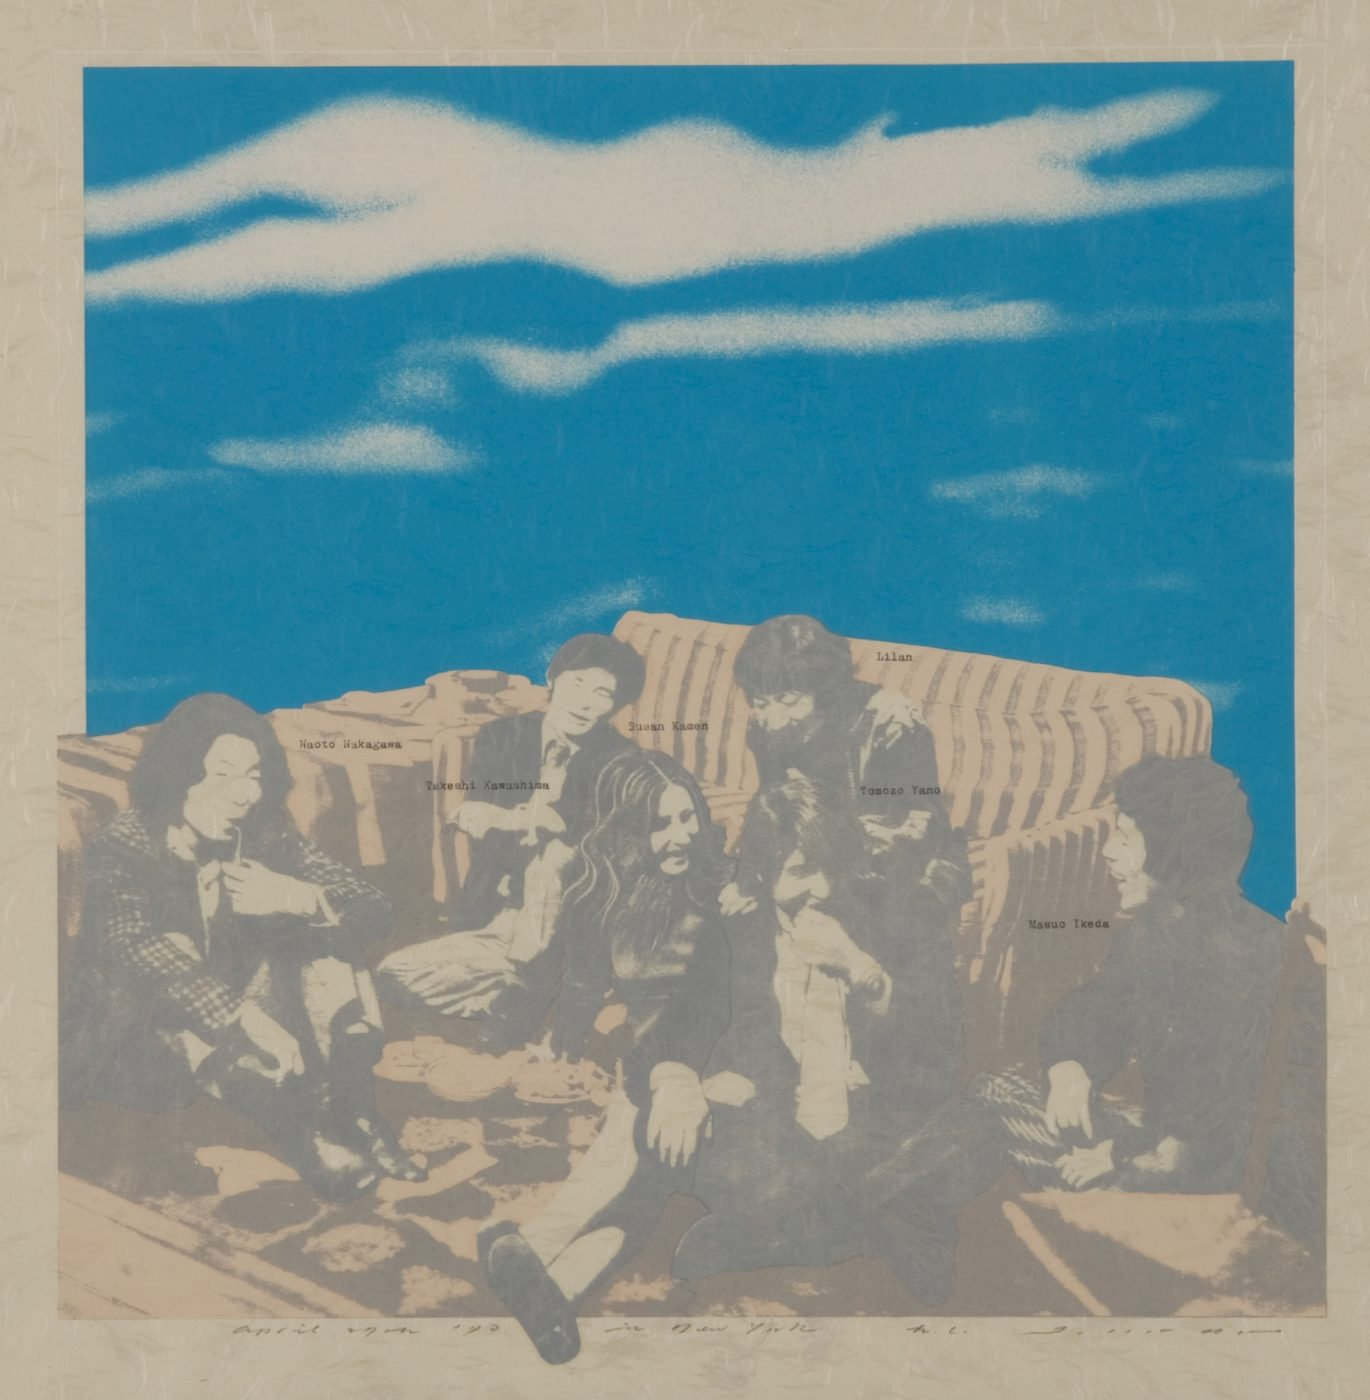 野田哲也《日記 1970年4月27日ニューヨーク》1970